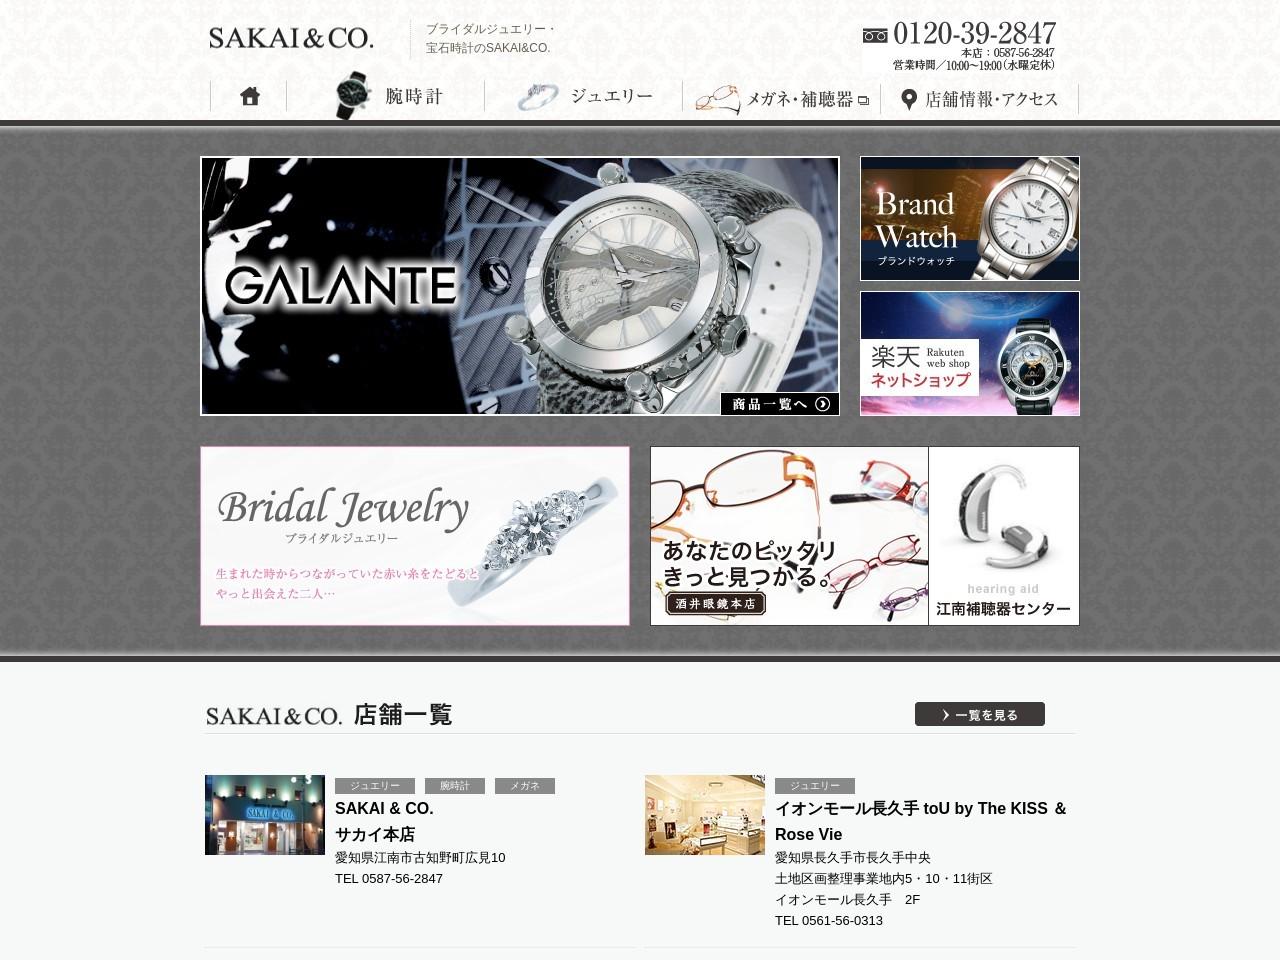 HOME | ブライダルジュエリー・宝石・時計のサカイ(SAKAI&CO.)